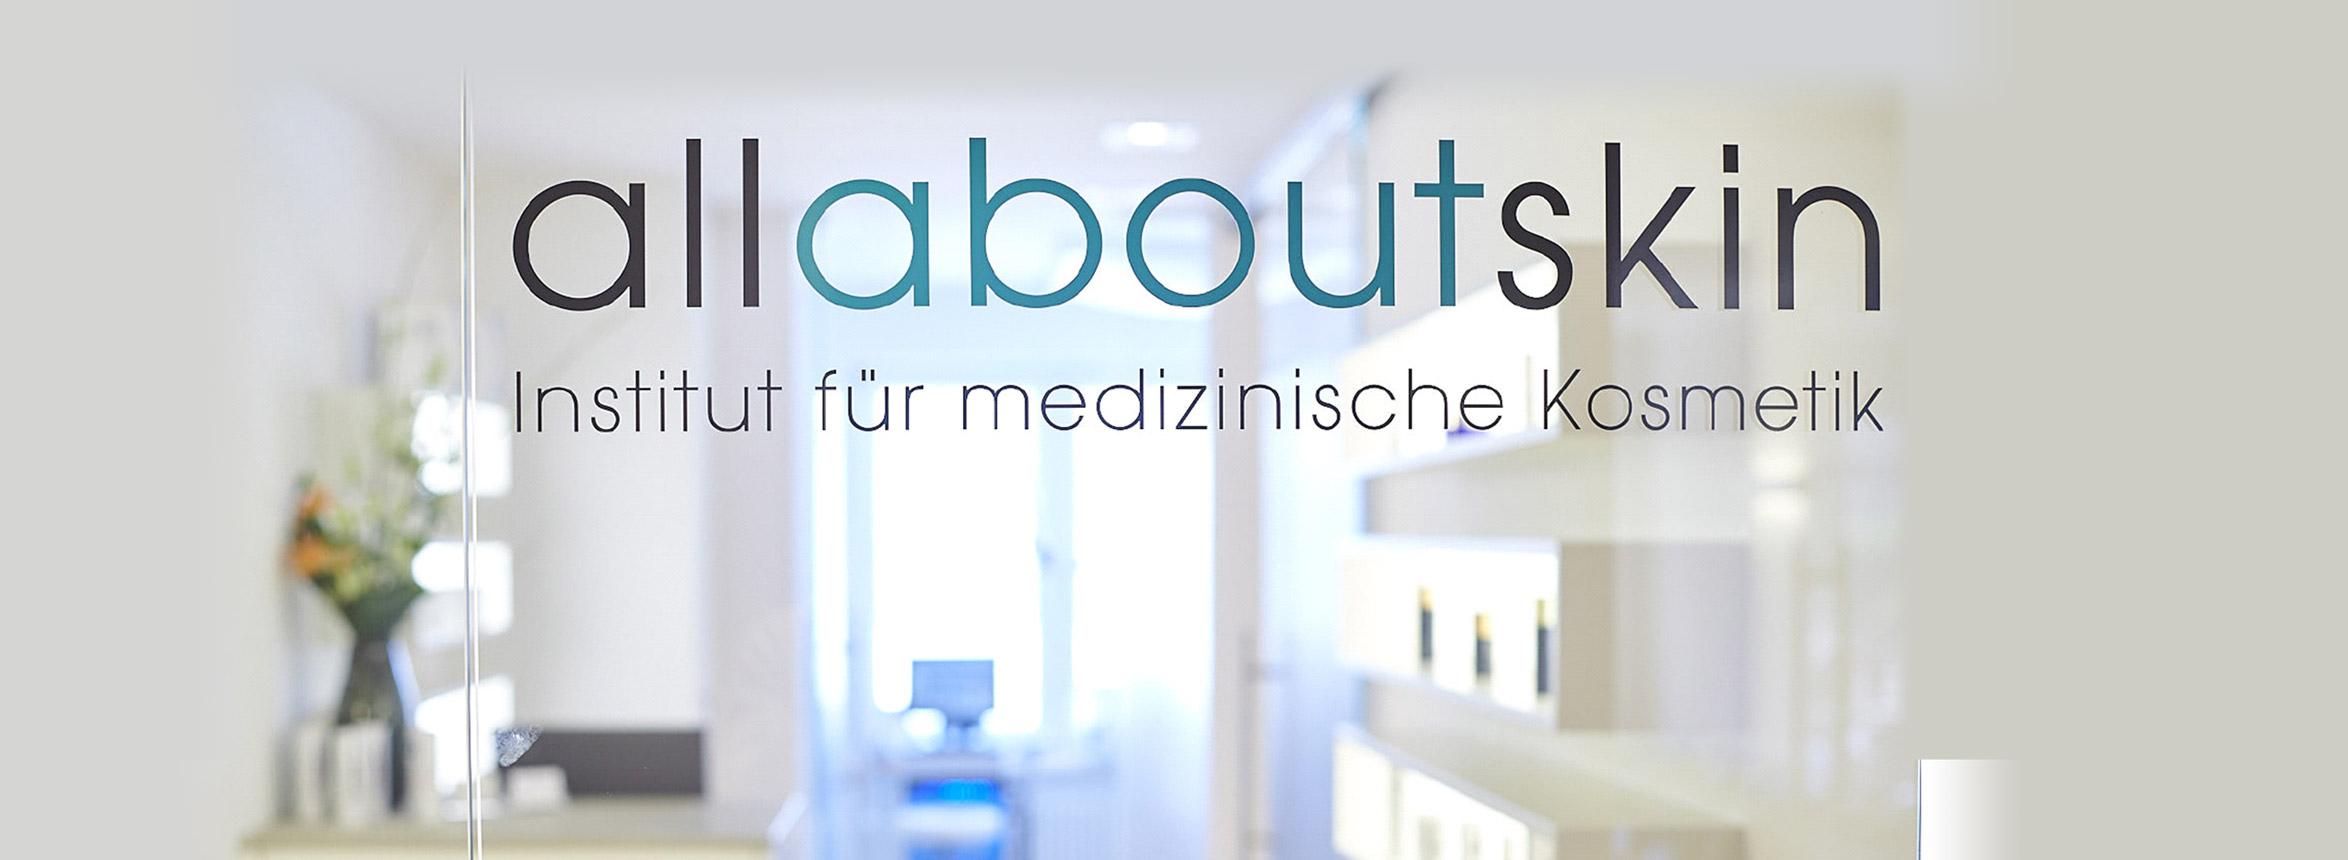 institut medizinische kosmetik muenchen 02 1 - Dr. ellwanger